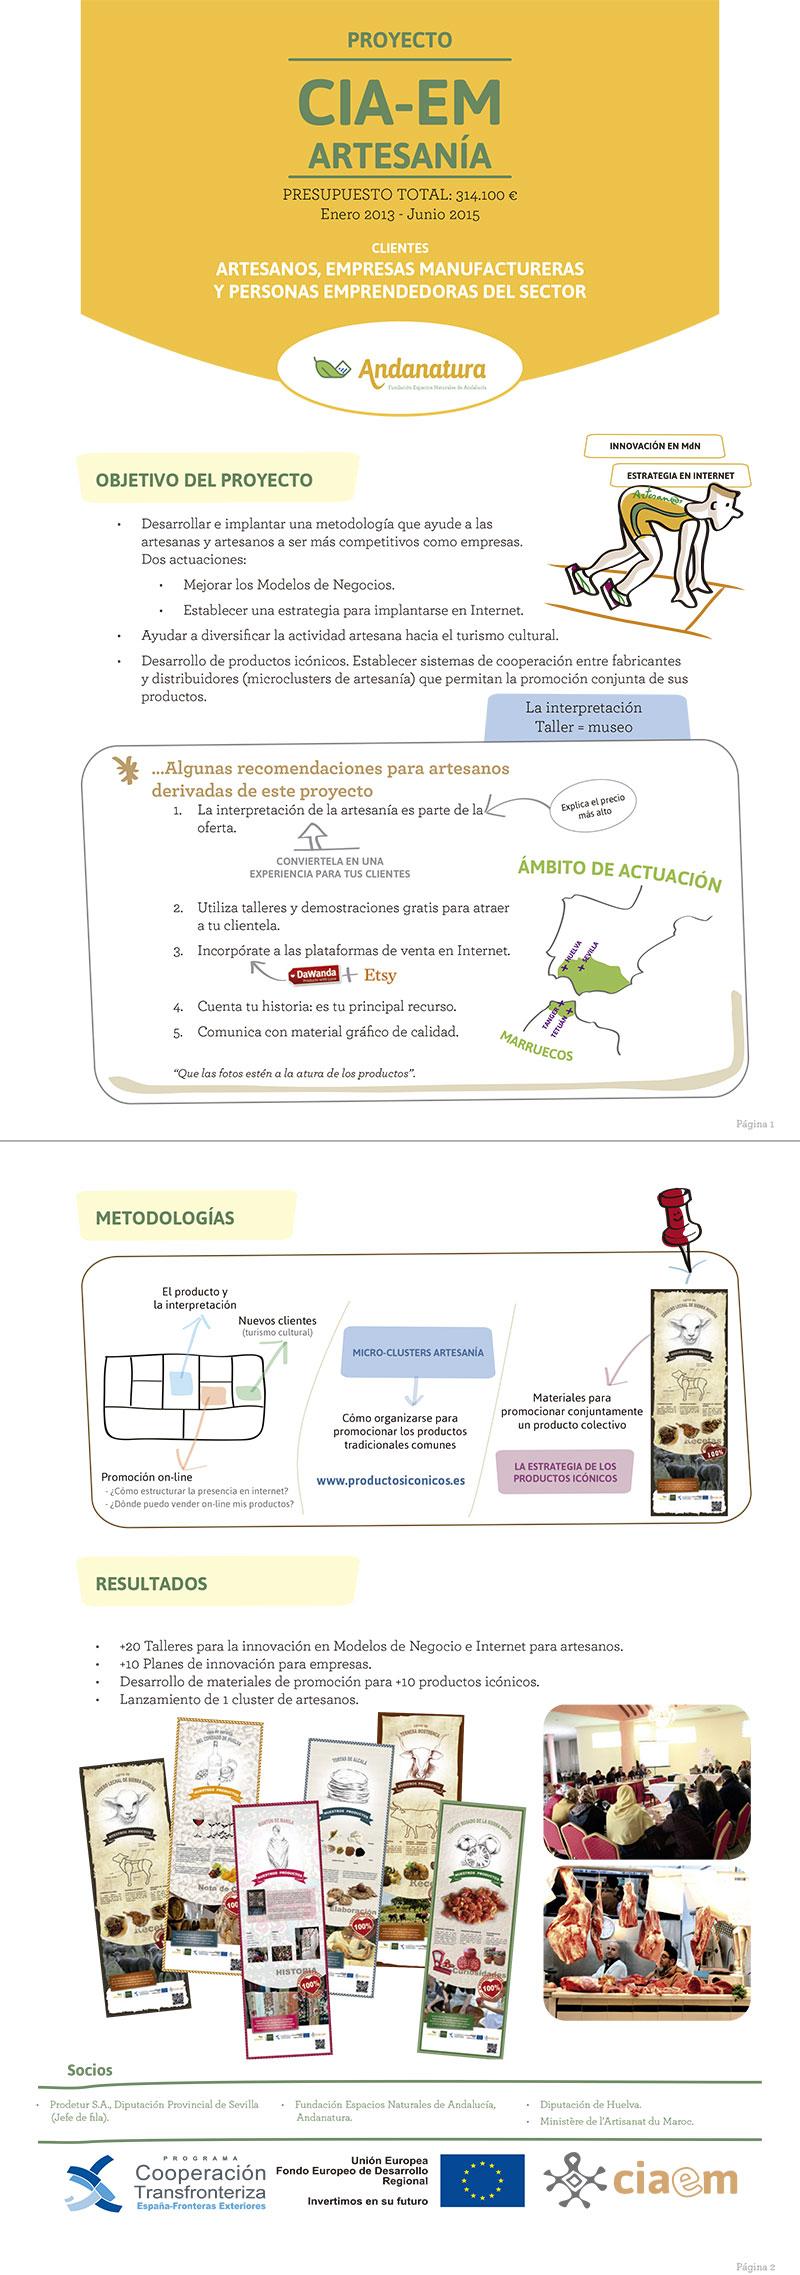 Andantura_Ficha_Proyecto_CiaEm_Artesania_Web_PopUp